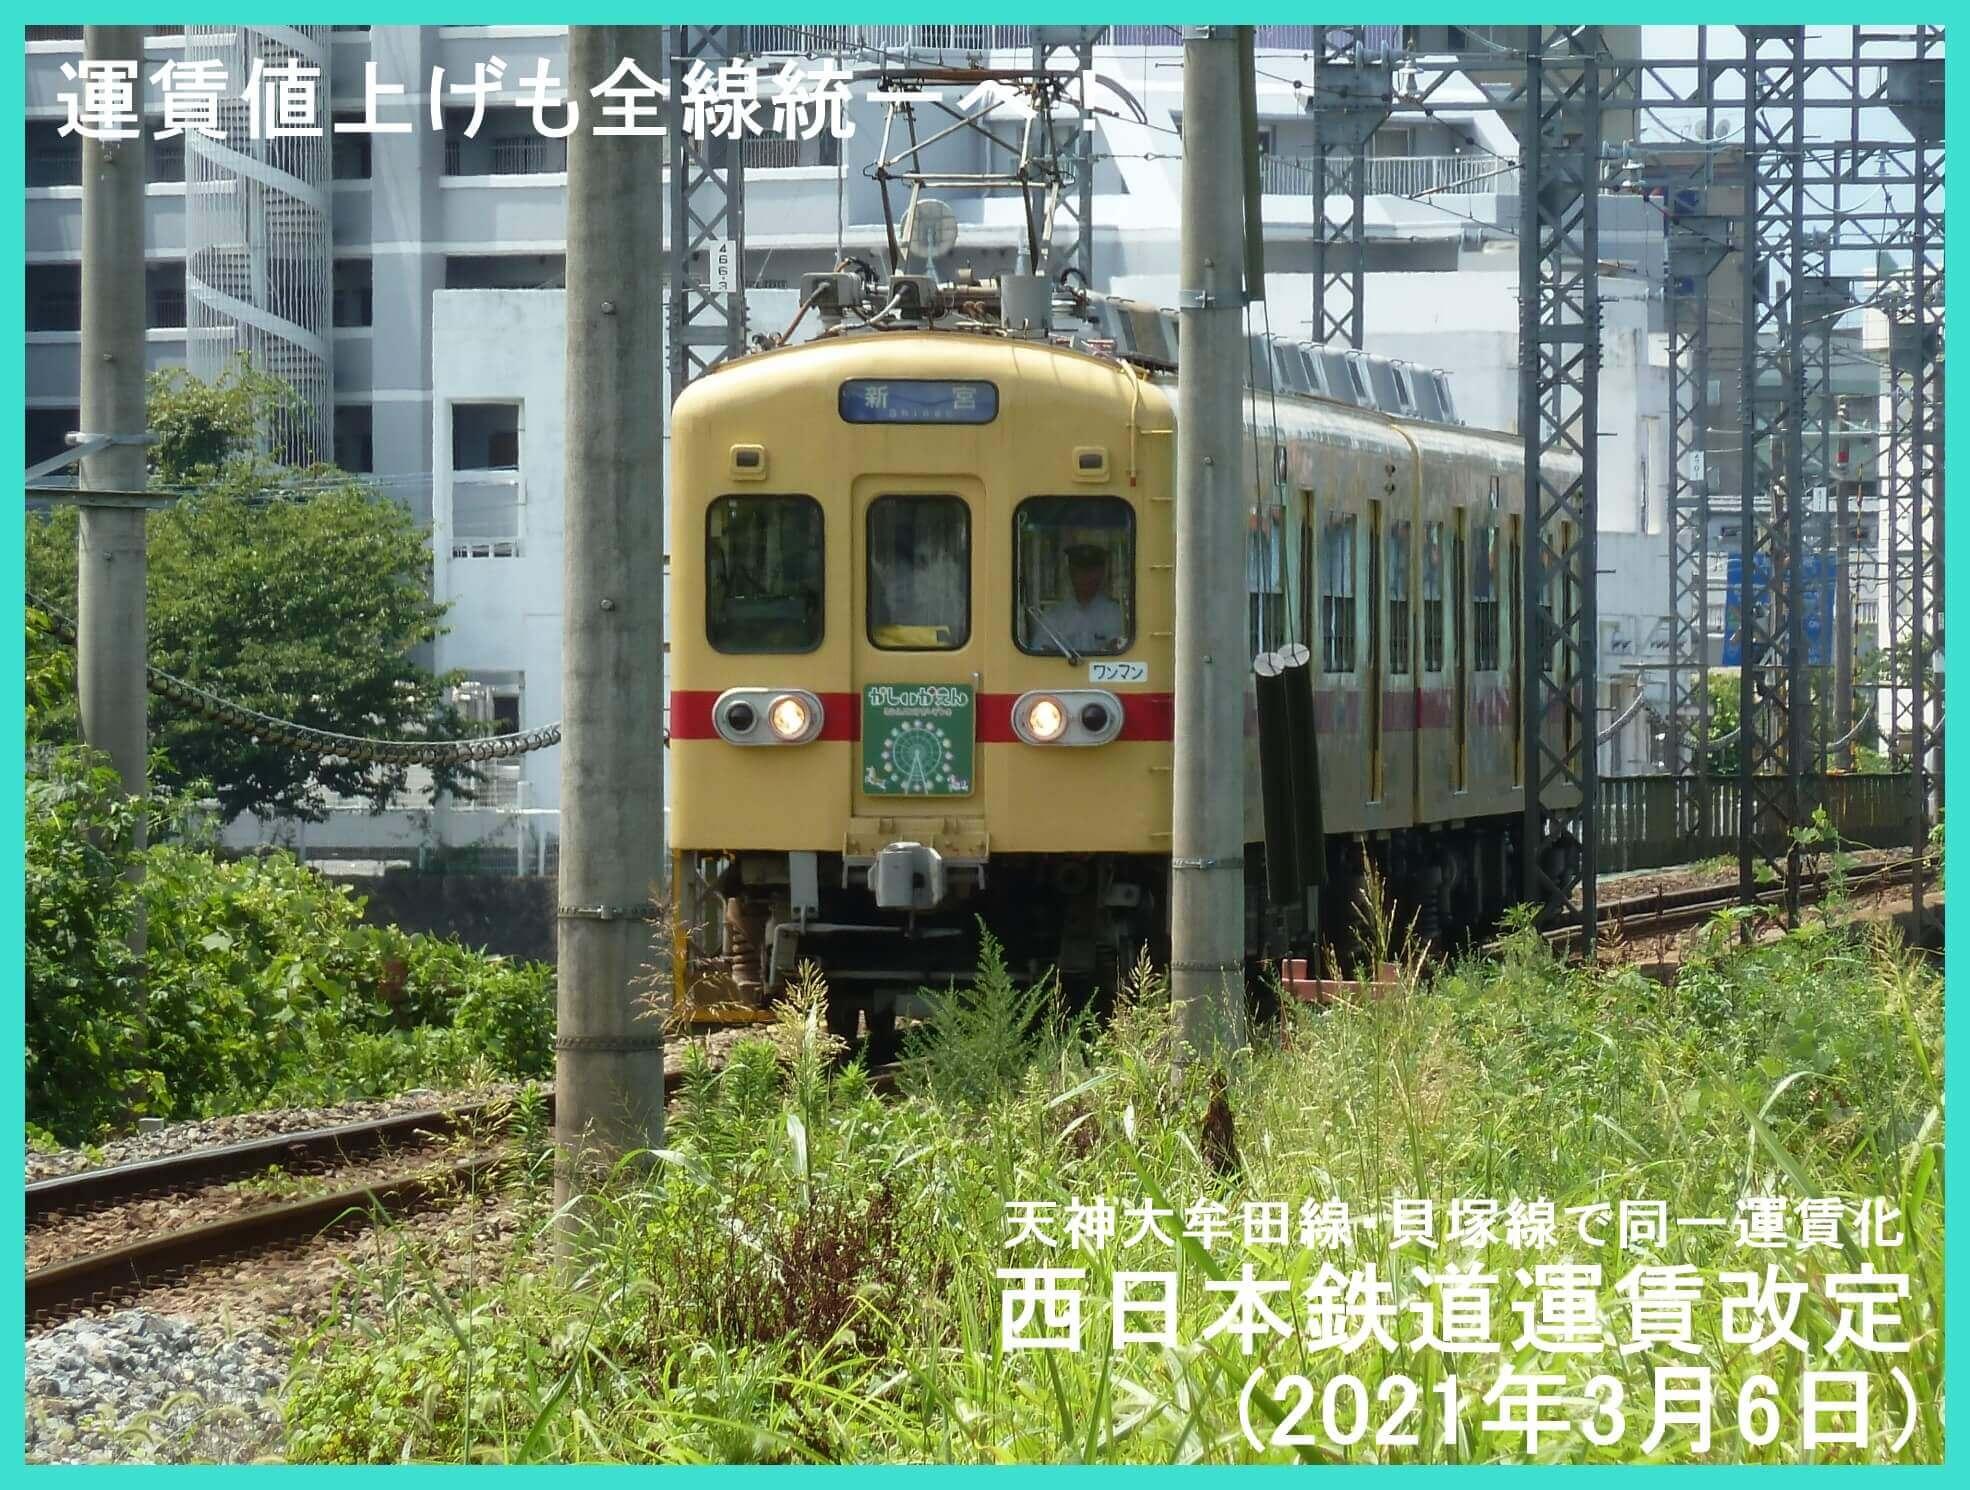 運賃値上げも全線統一へ! 西日本鉄道運賃改定(2021年3月6日)